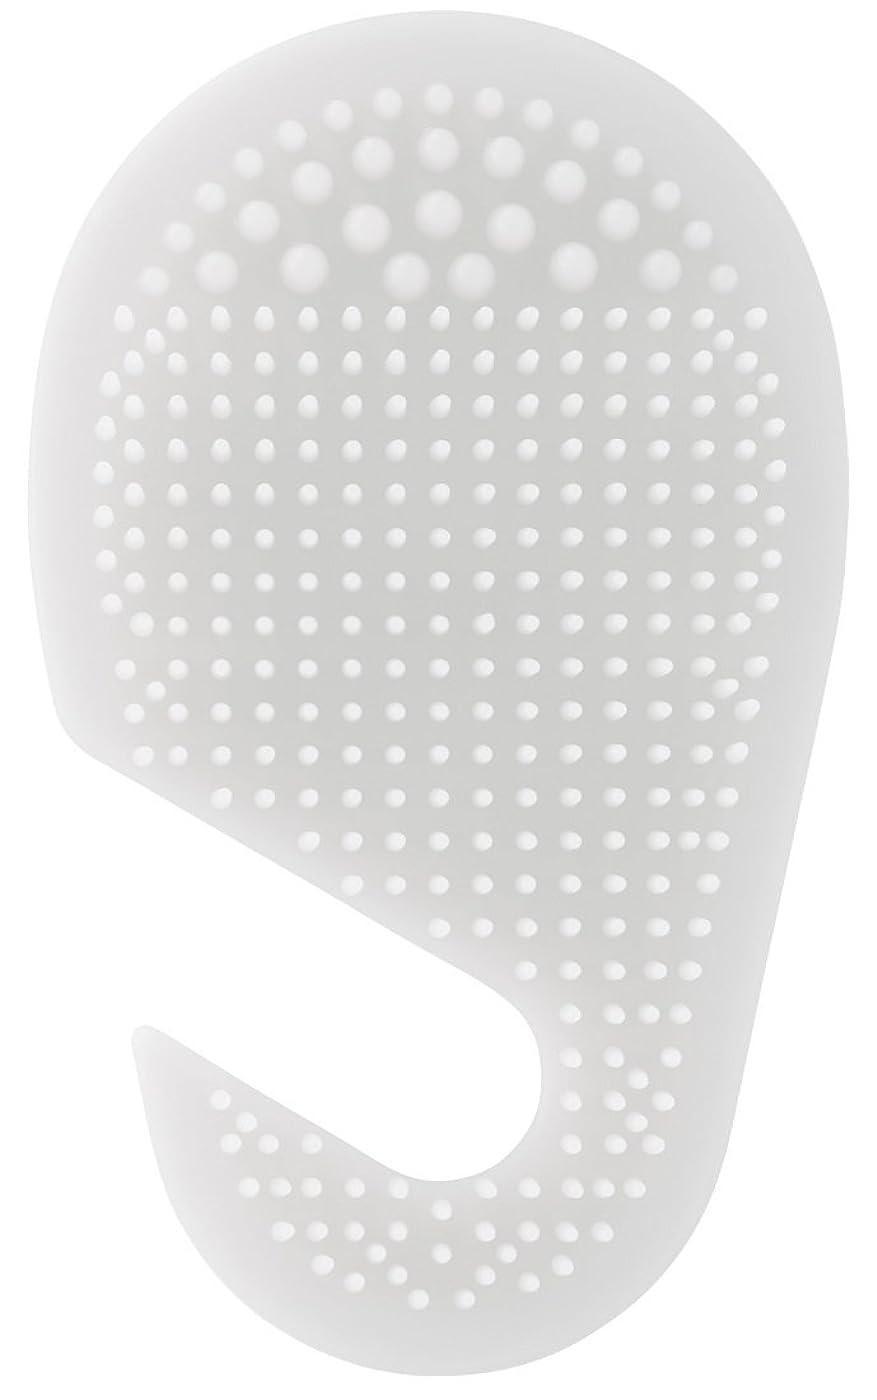 パズルテザー汗スケーター 足の裏用 マッサージ ブラシ 10.2×2×17cm ホワイト SLFT1